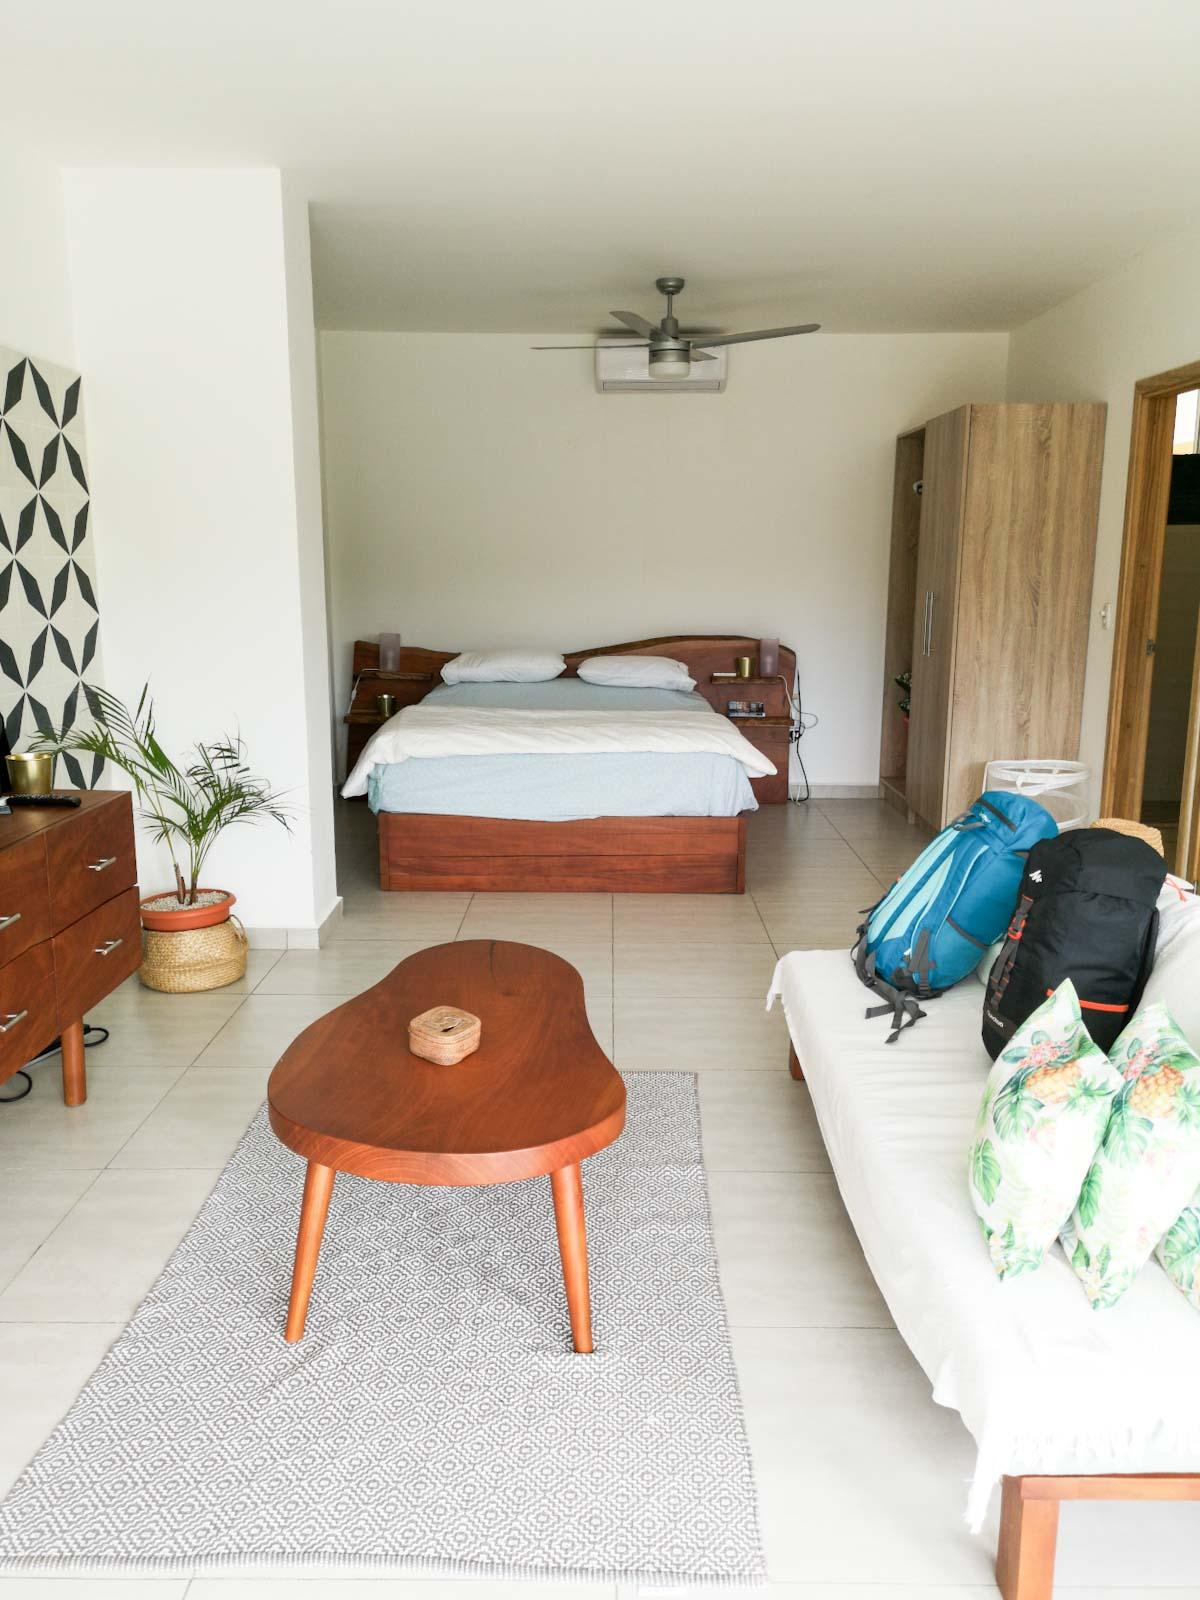 Airbnb in San Juan del Sur, Nicaragua